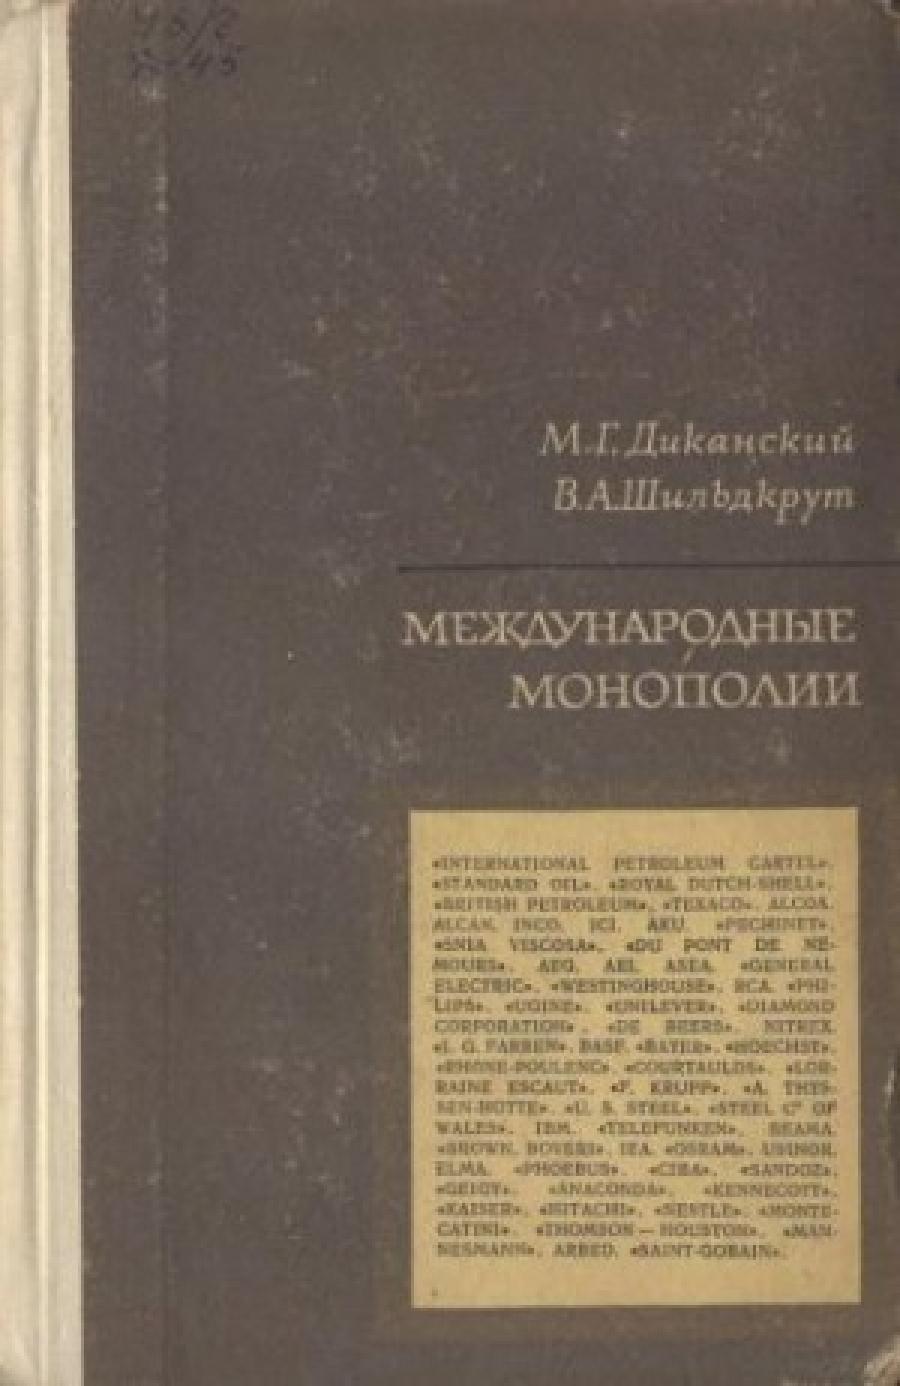 Обложка книги:  диканский м.г., шильдкрут в.а. - международные монополии. возникновение и развитие важнейших международных картелей